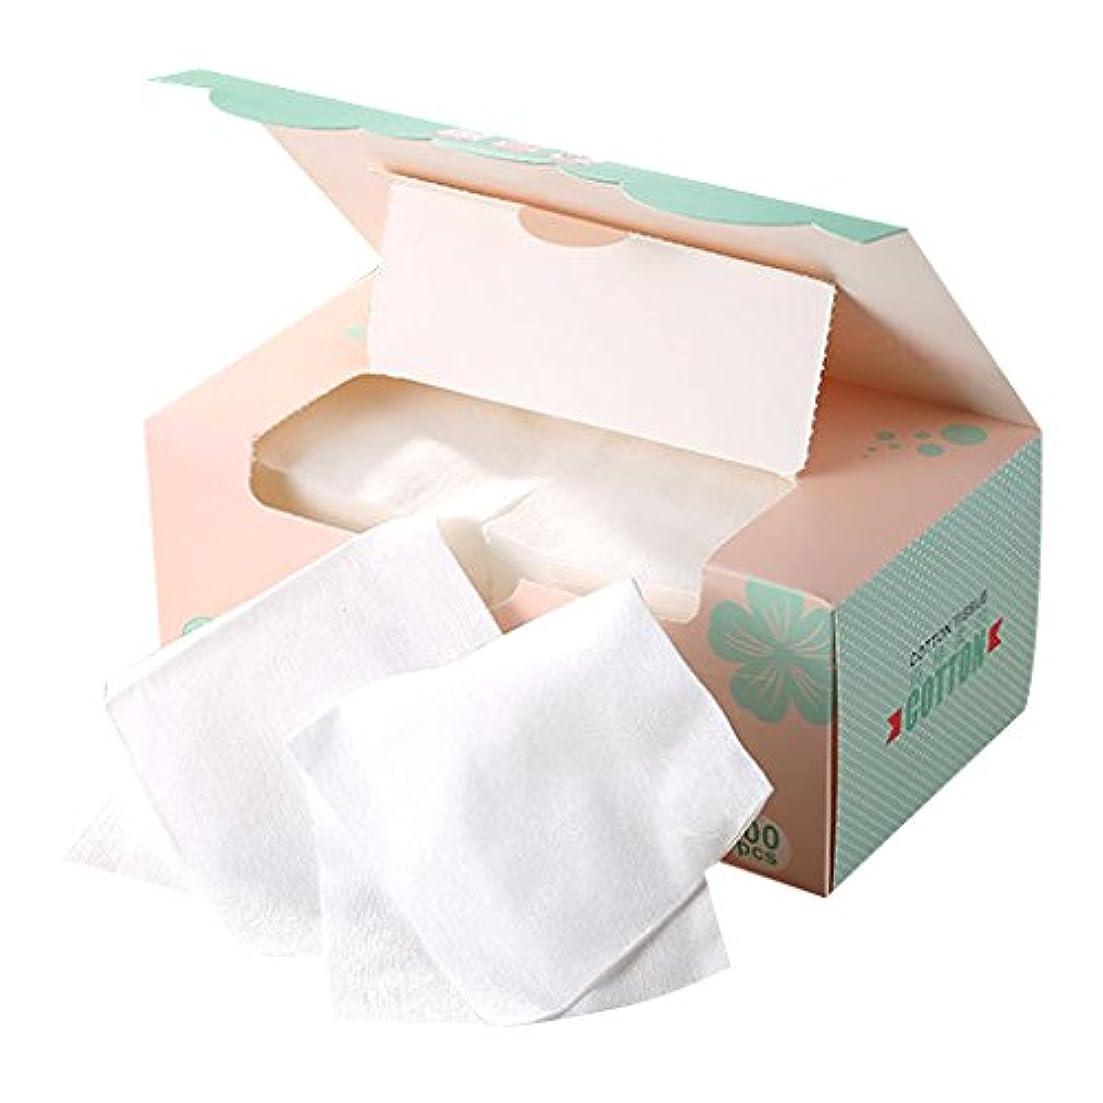 びっくりした傾いた病院Kesoto 顔用タオル 使い捨て フェイスタオル メイクリムーバー